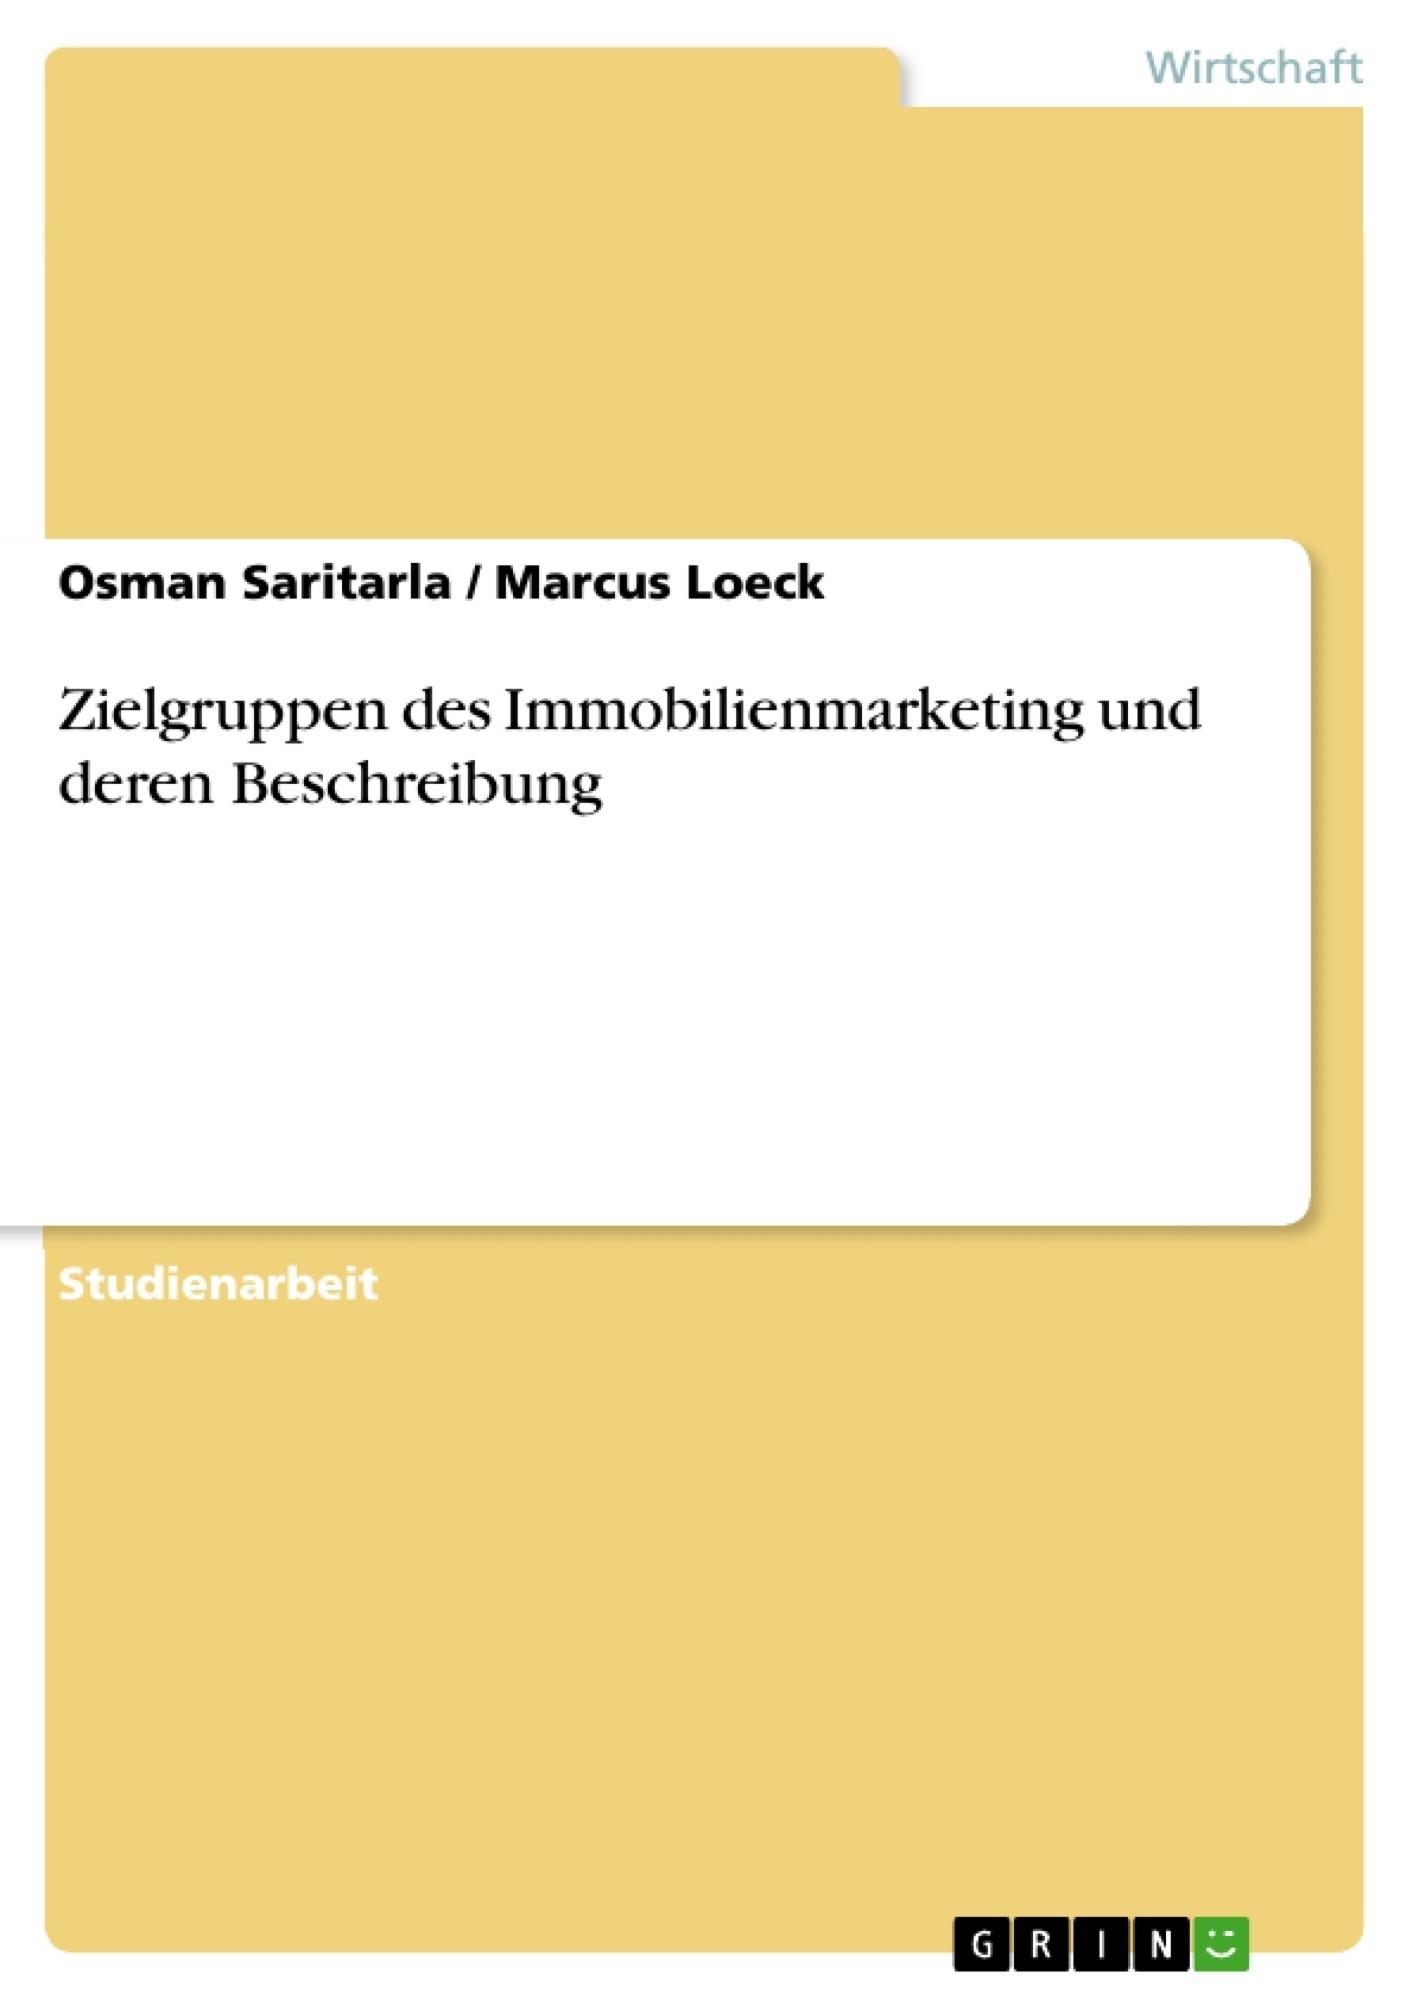 Titel: Zielgruppen des Immobilienmarketing und deren Beschreibung